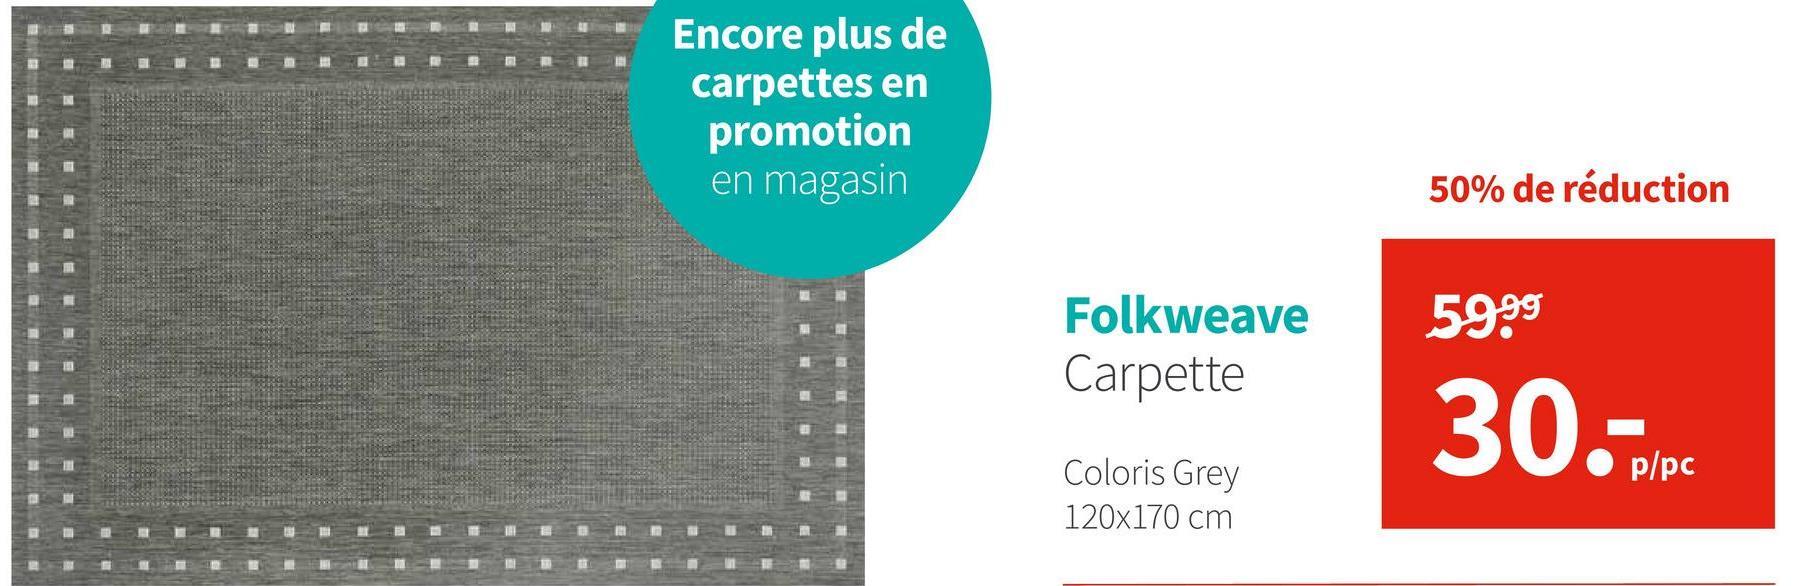 Encore plus de carpettes en promotion en magasin 50% de réduction 5999 Folkweave Carpette 30. Coloris Grey 120x170 cm